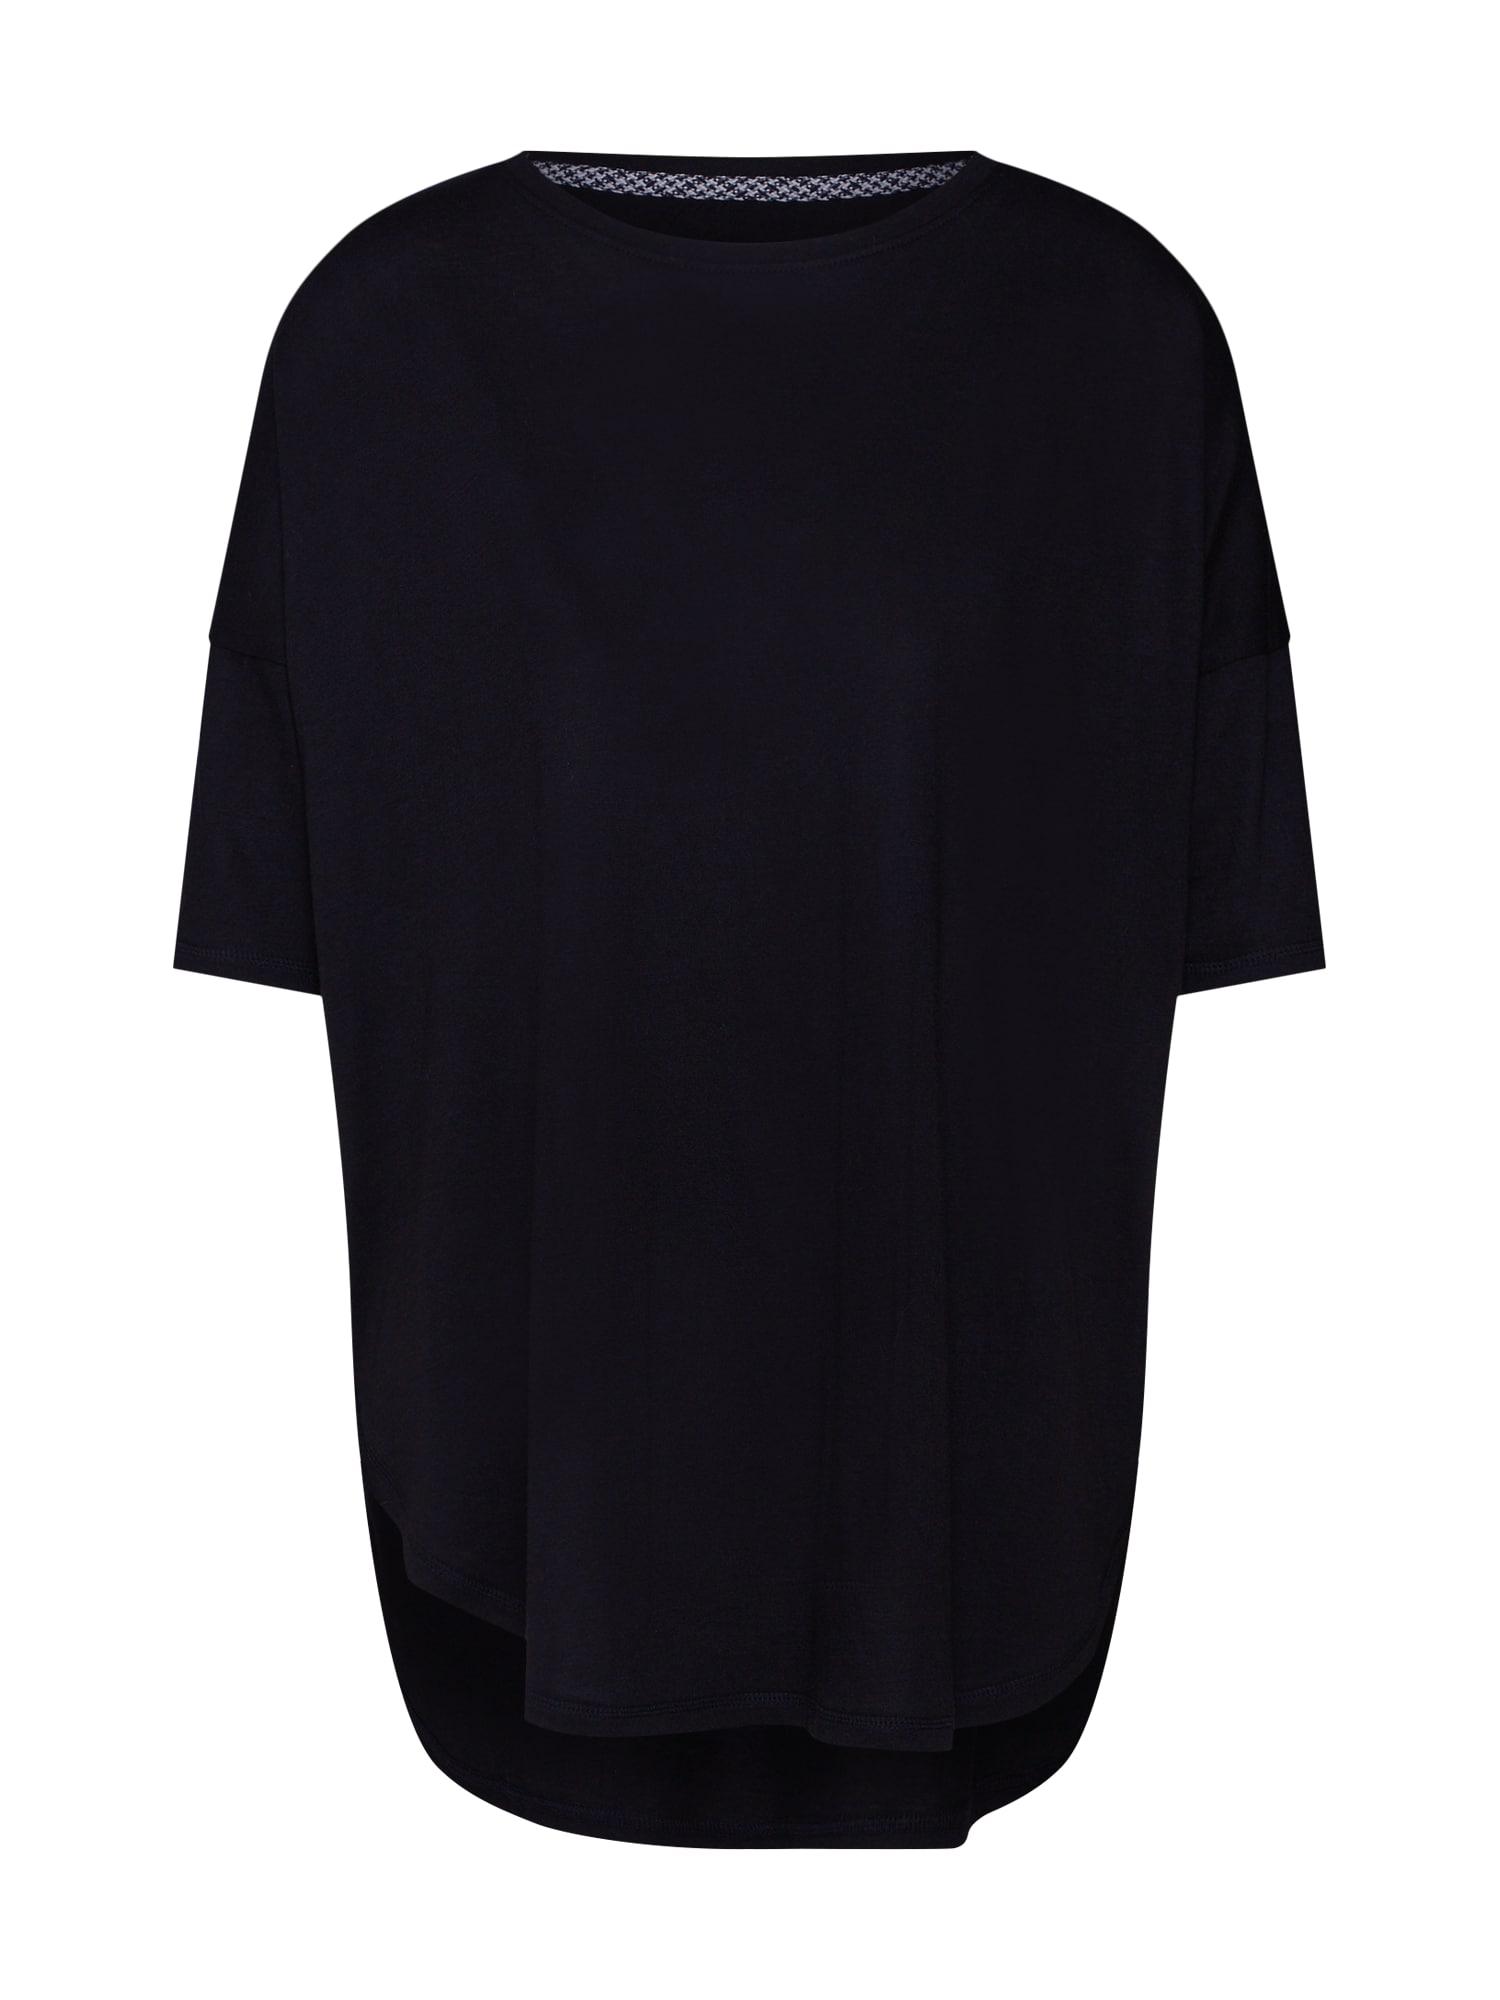 O'NEILL, Dames Shirt 'LW ESSENTIALS O/S T-SHIRT', zwart